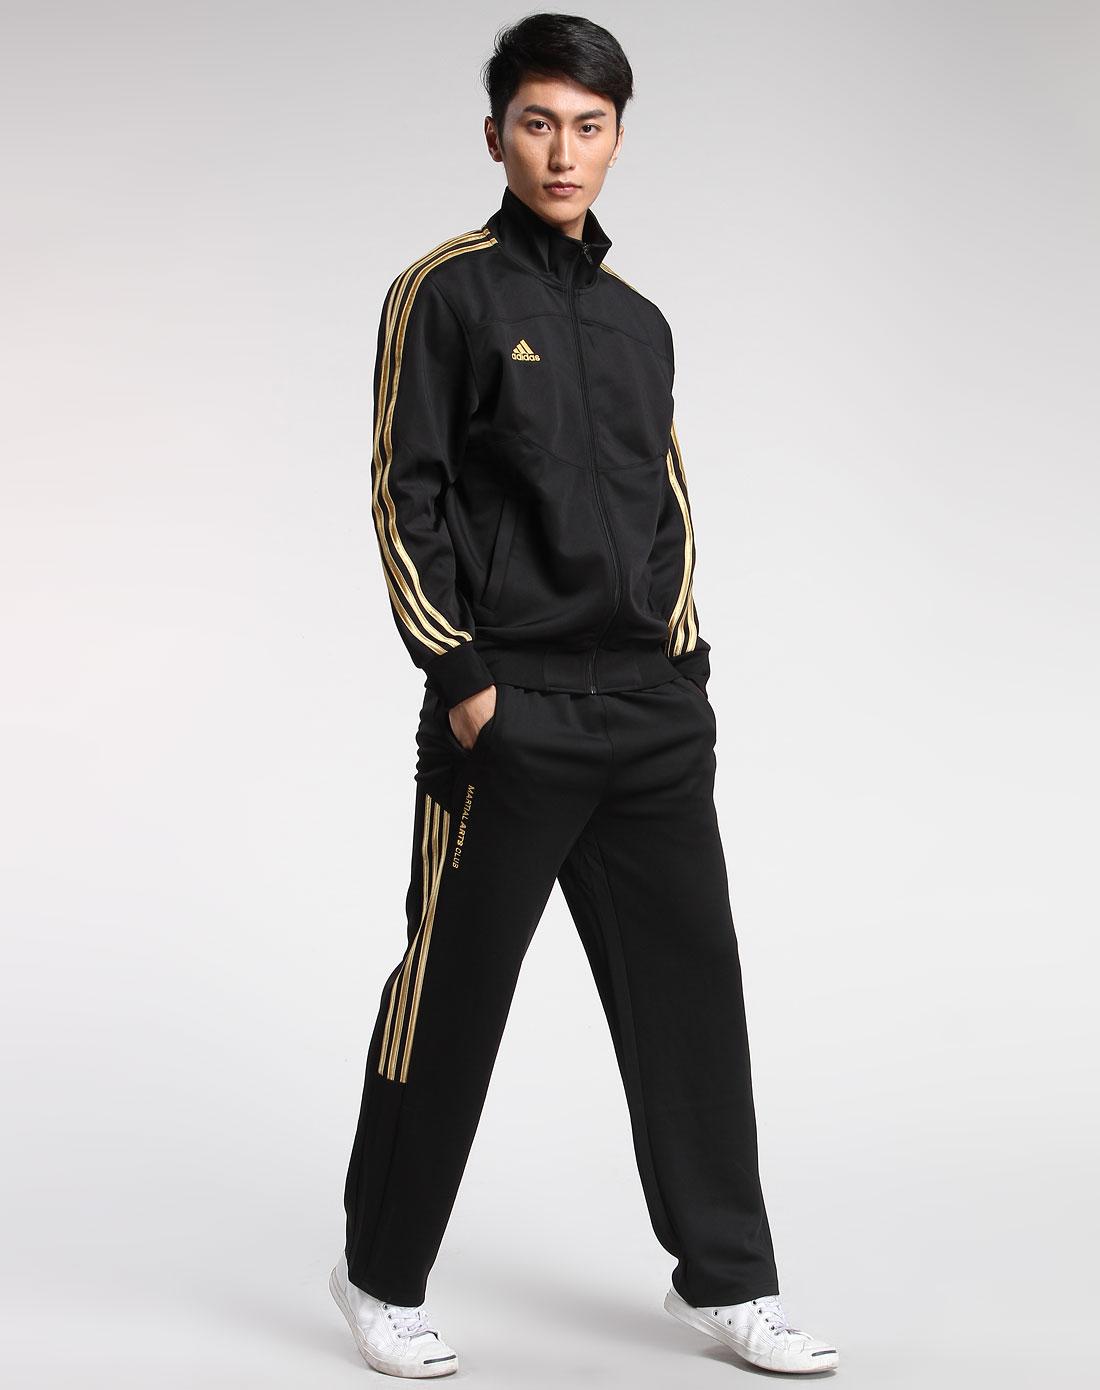 长袖弹性运动服